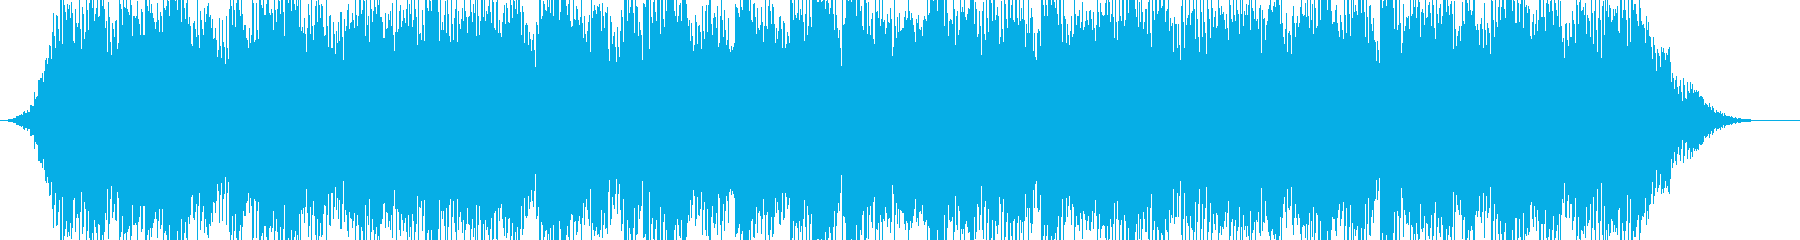 ドラマのワンシーンBGMの再生済みの波形